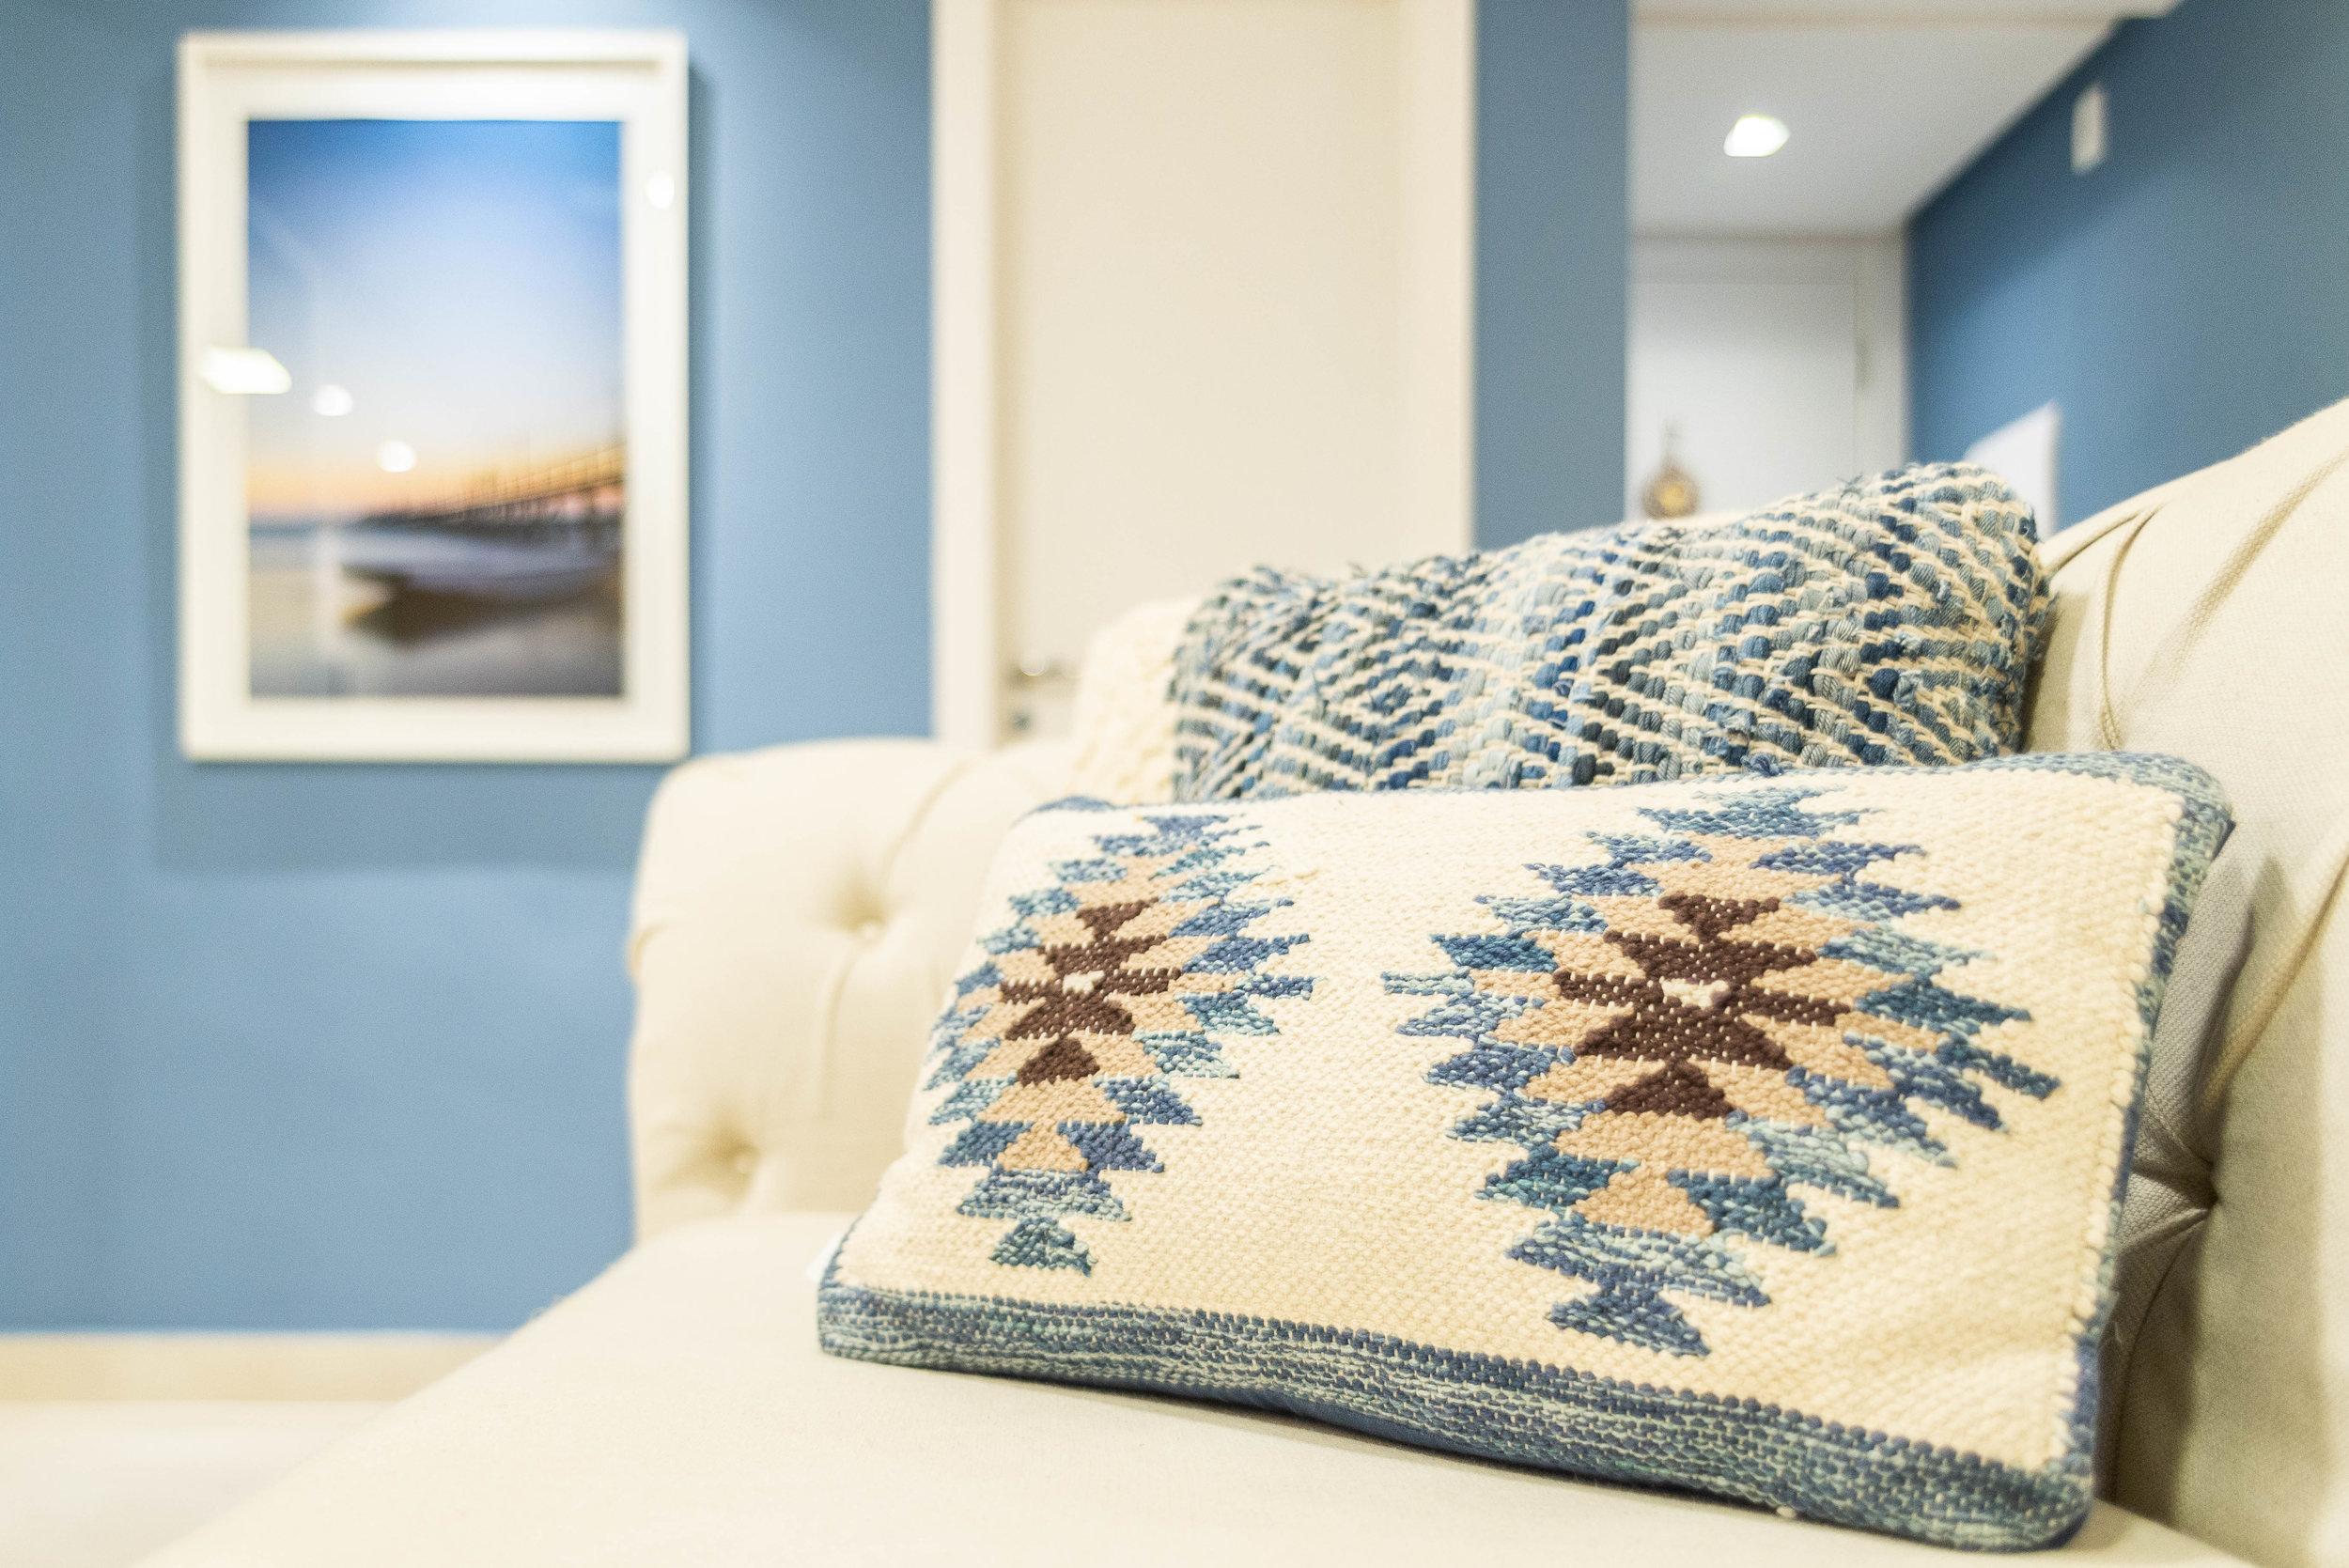 projeto-arquitetonico-luciananilton-duo-arquitetura-apartamentos-praia-020.jpg